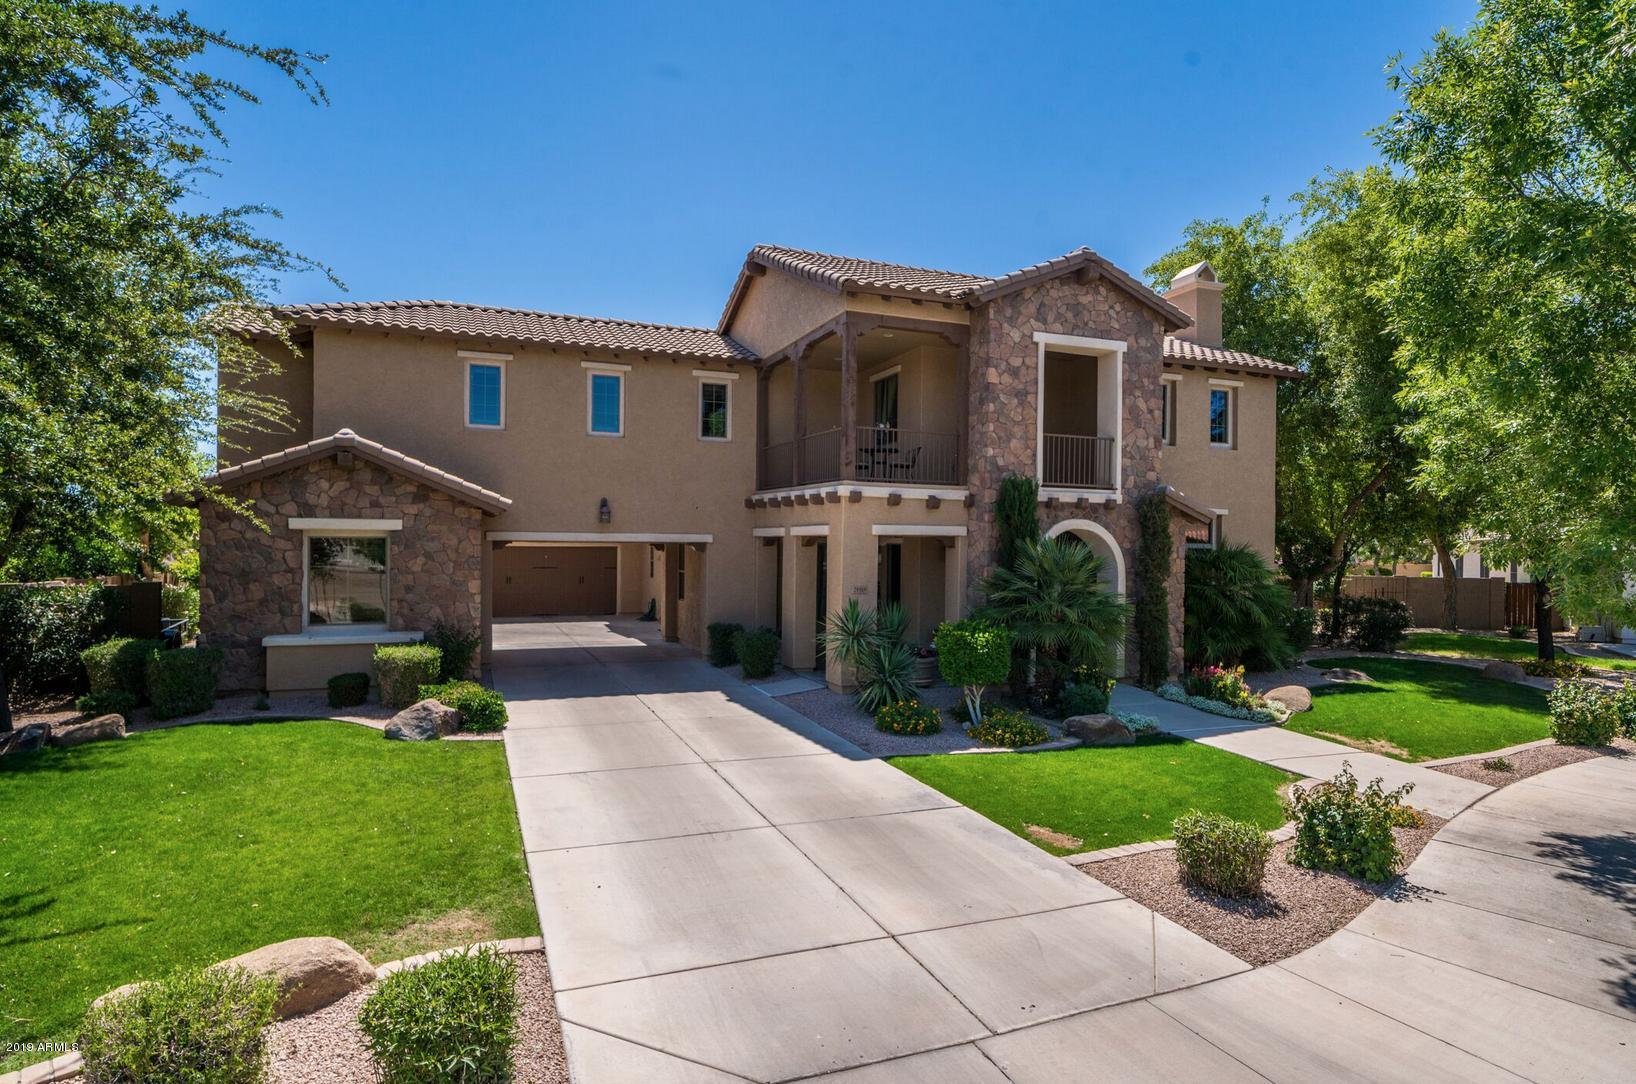 Photo of 21919 S 193RD Street, Queen Creek, AZ 85142